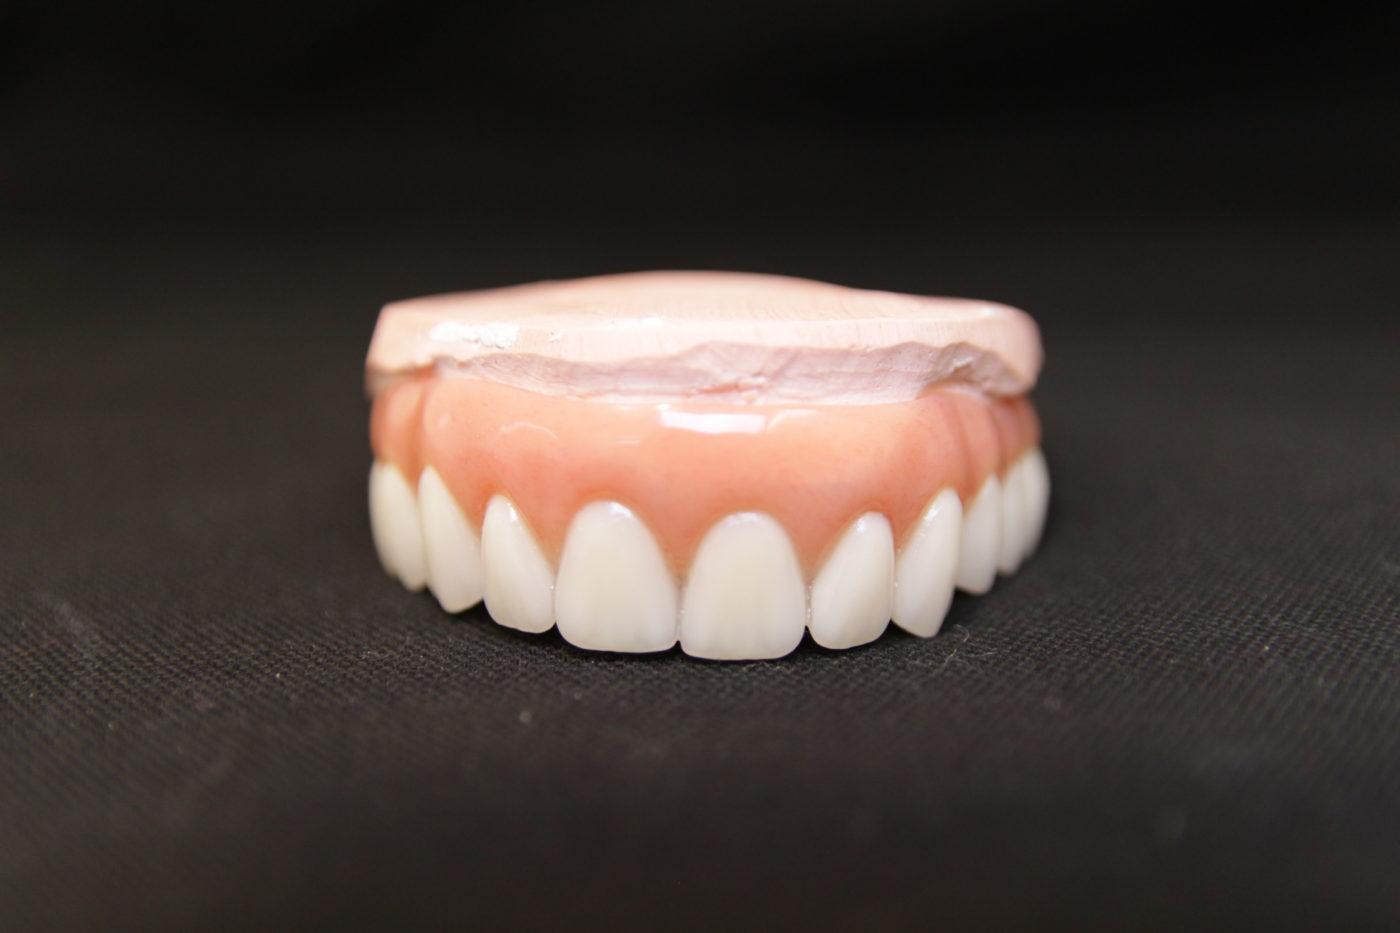 Limpieza de dentadura